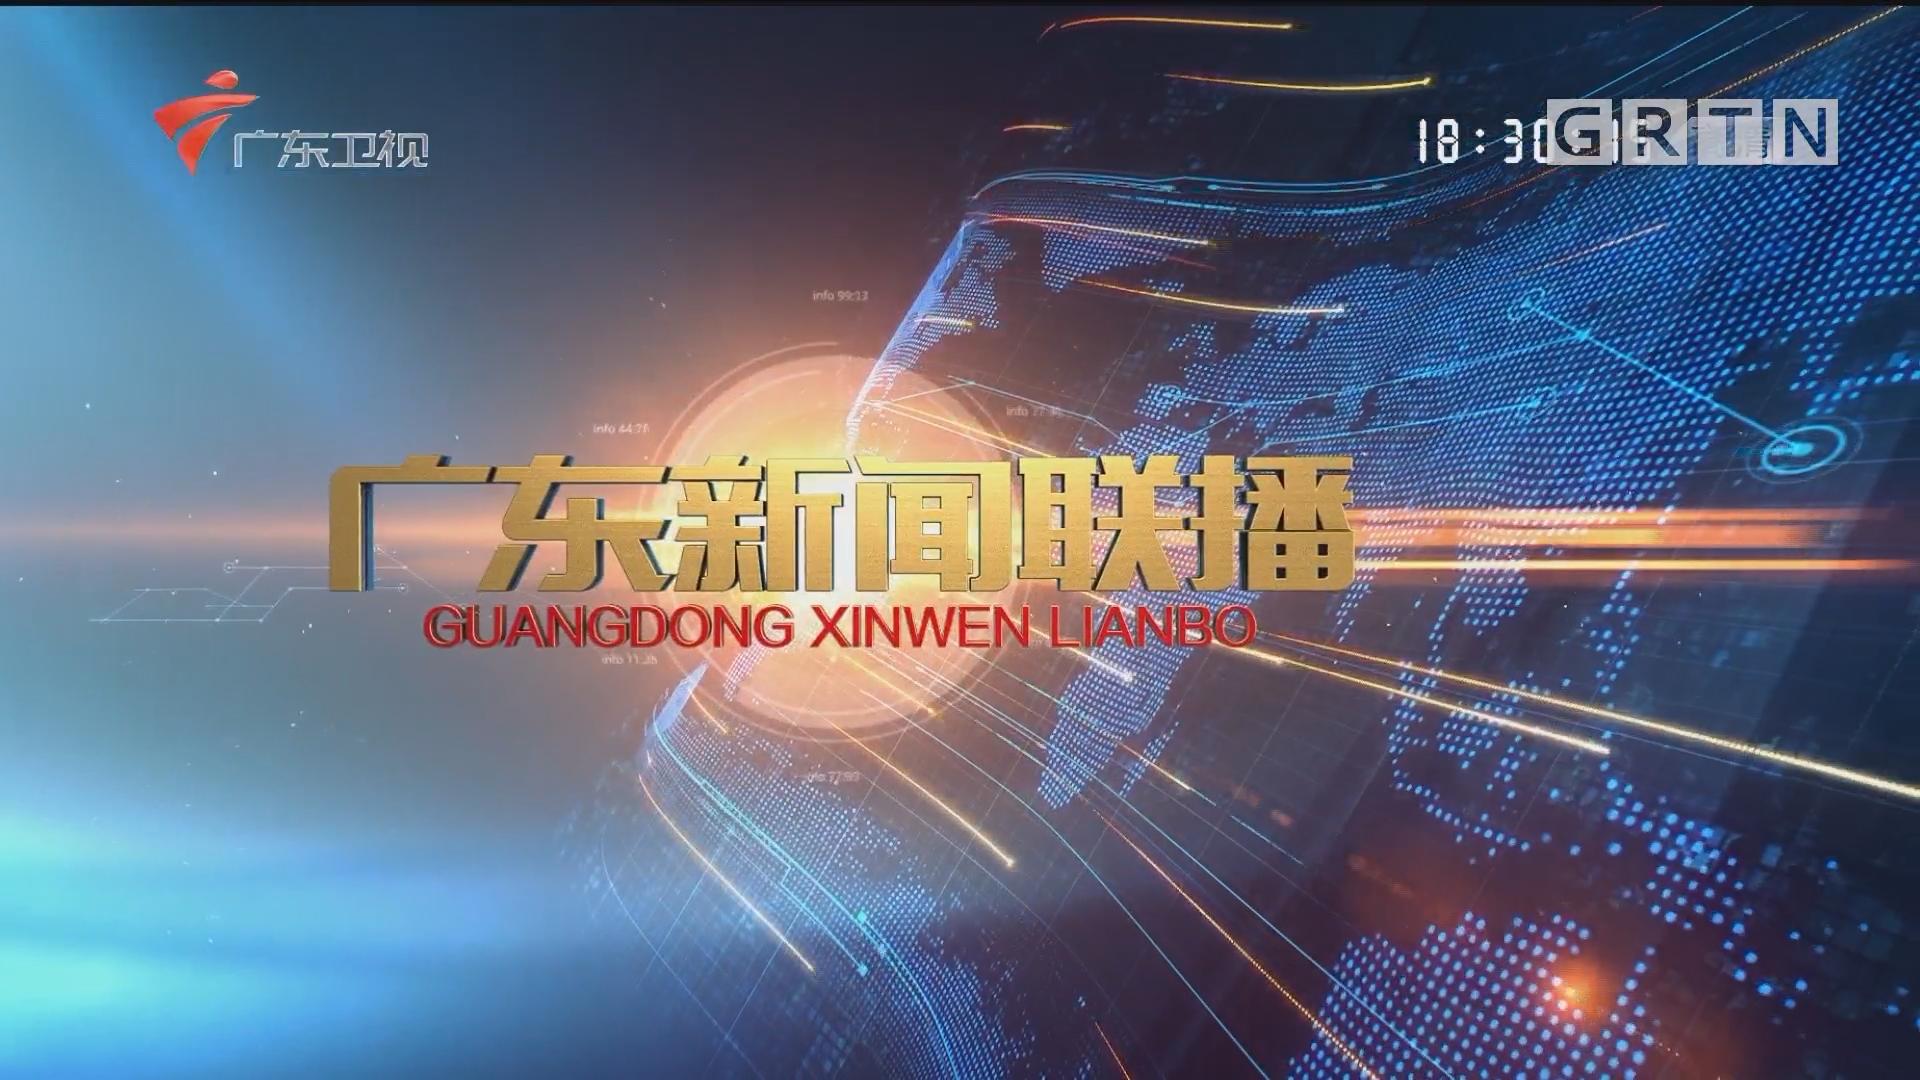 [HD][2017-10-09]广东新闻联播:深圳:改革不停顿 开放不止步